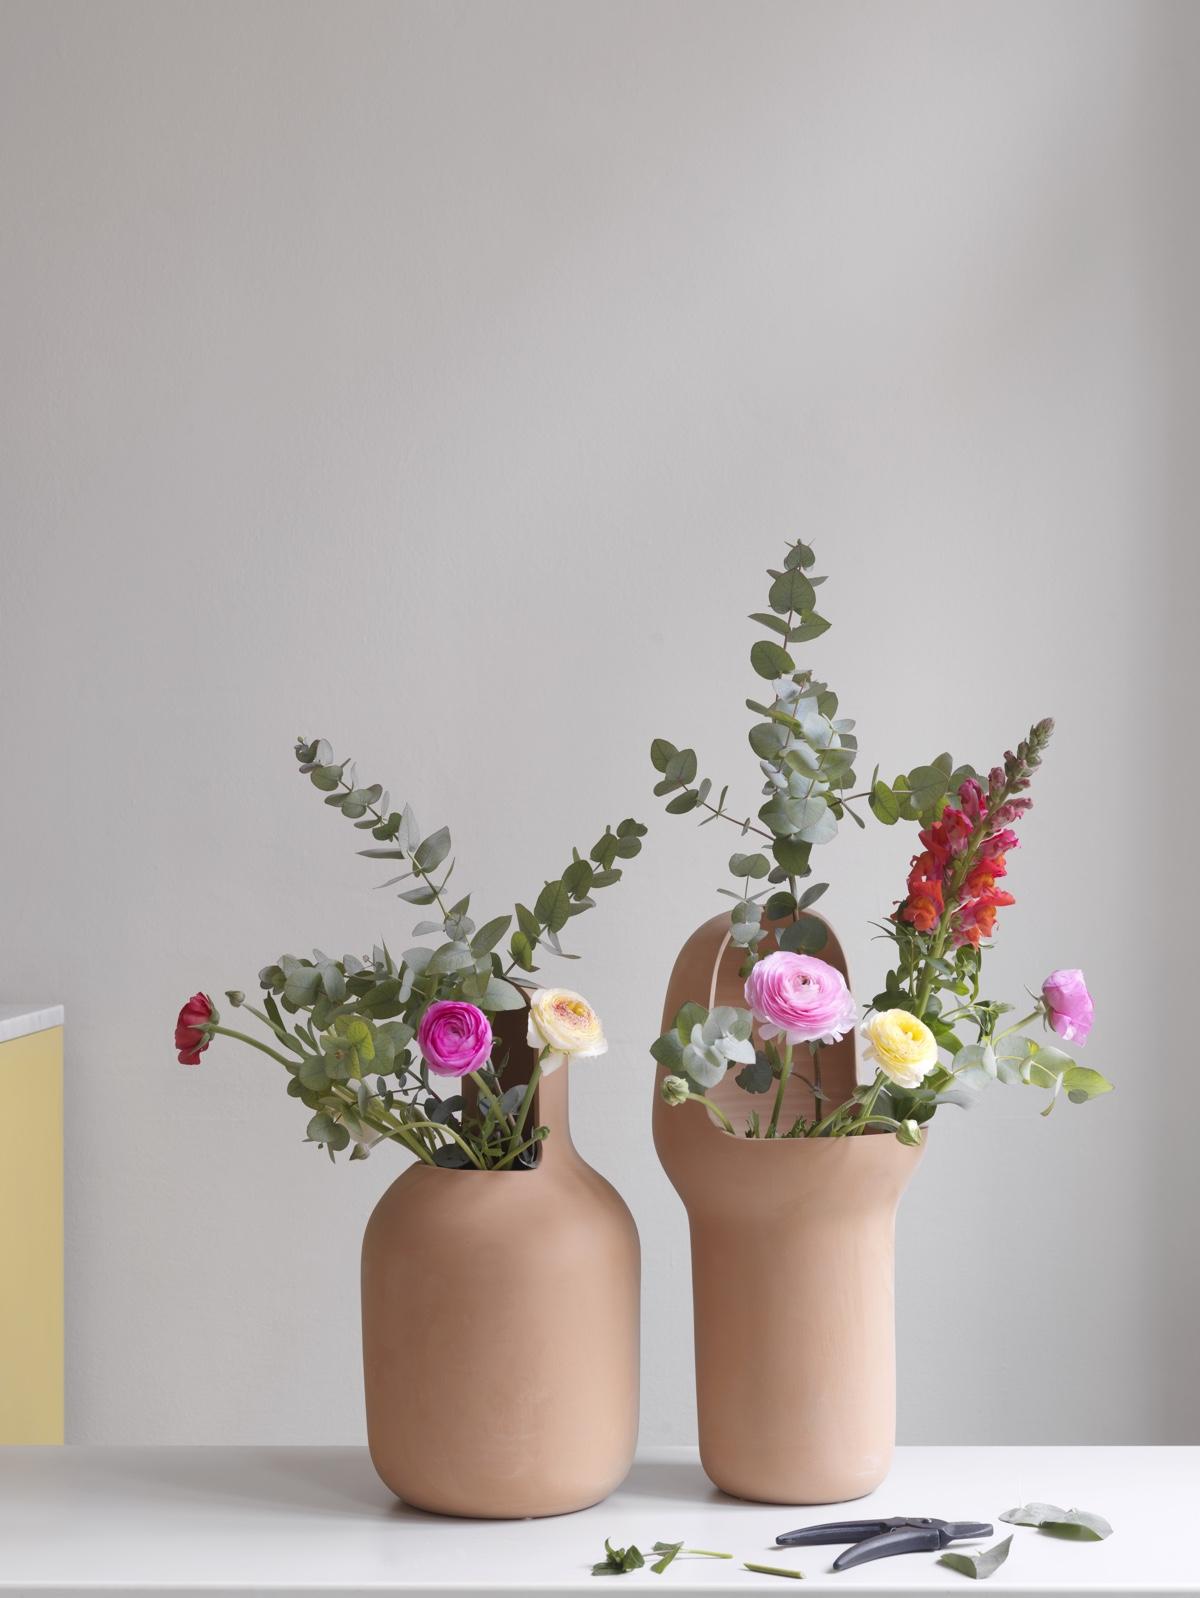 Gardenias garden vase collection. Designed by Jaime Hayon for BD Barcelona Design.